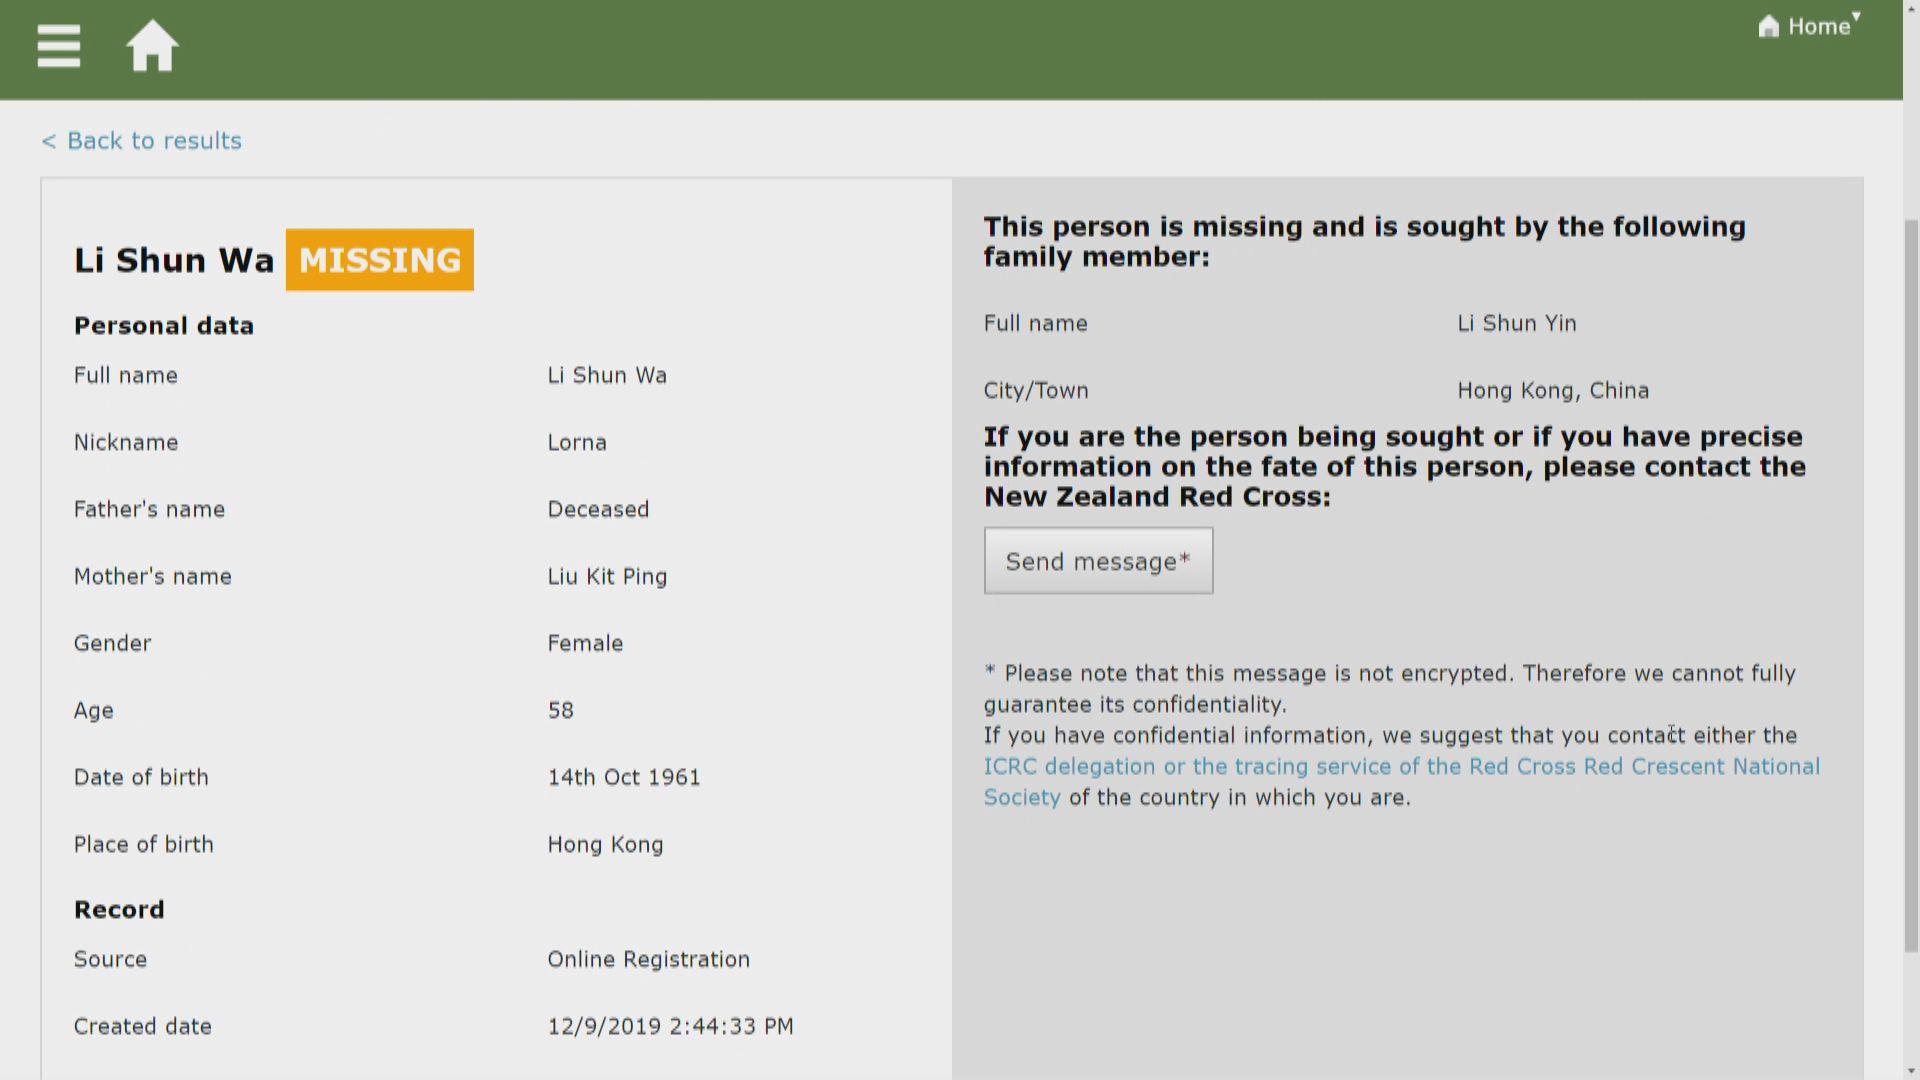 新西蘭紅十字會:一男一女港人失聯